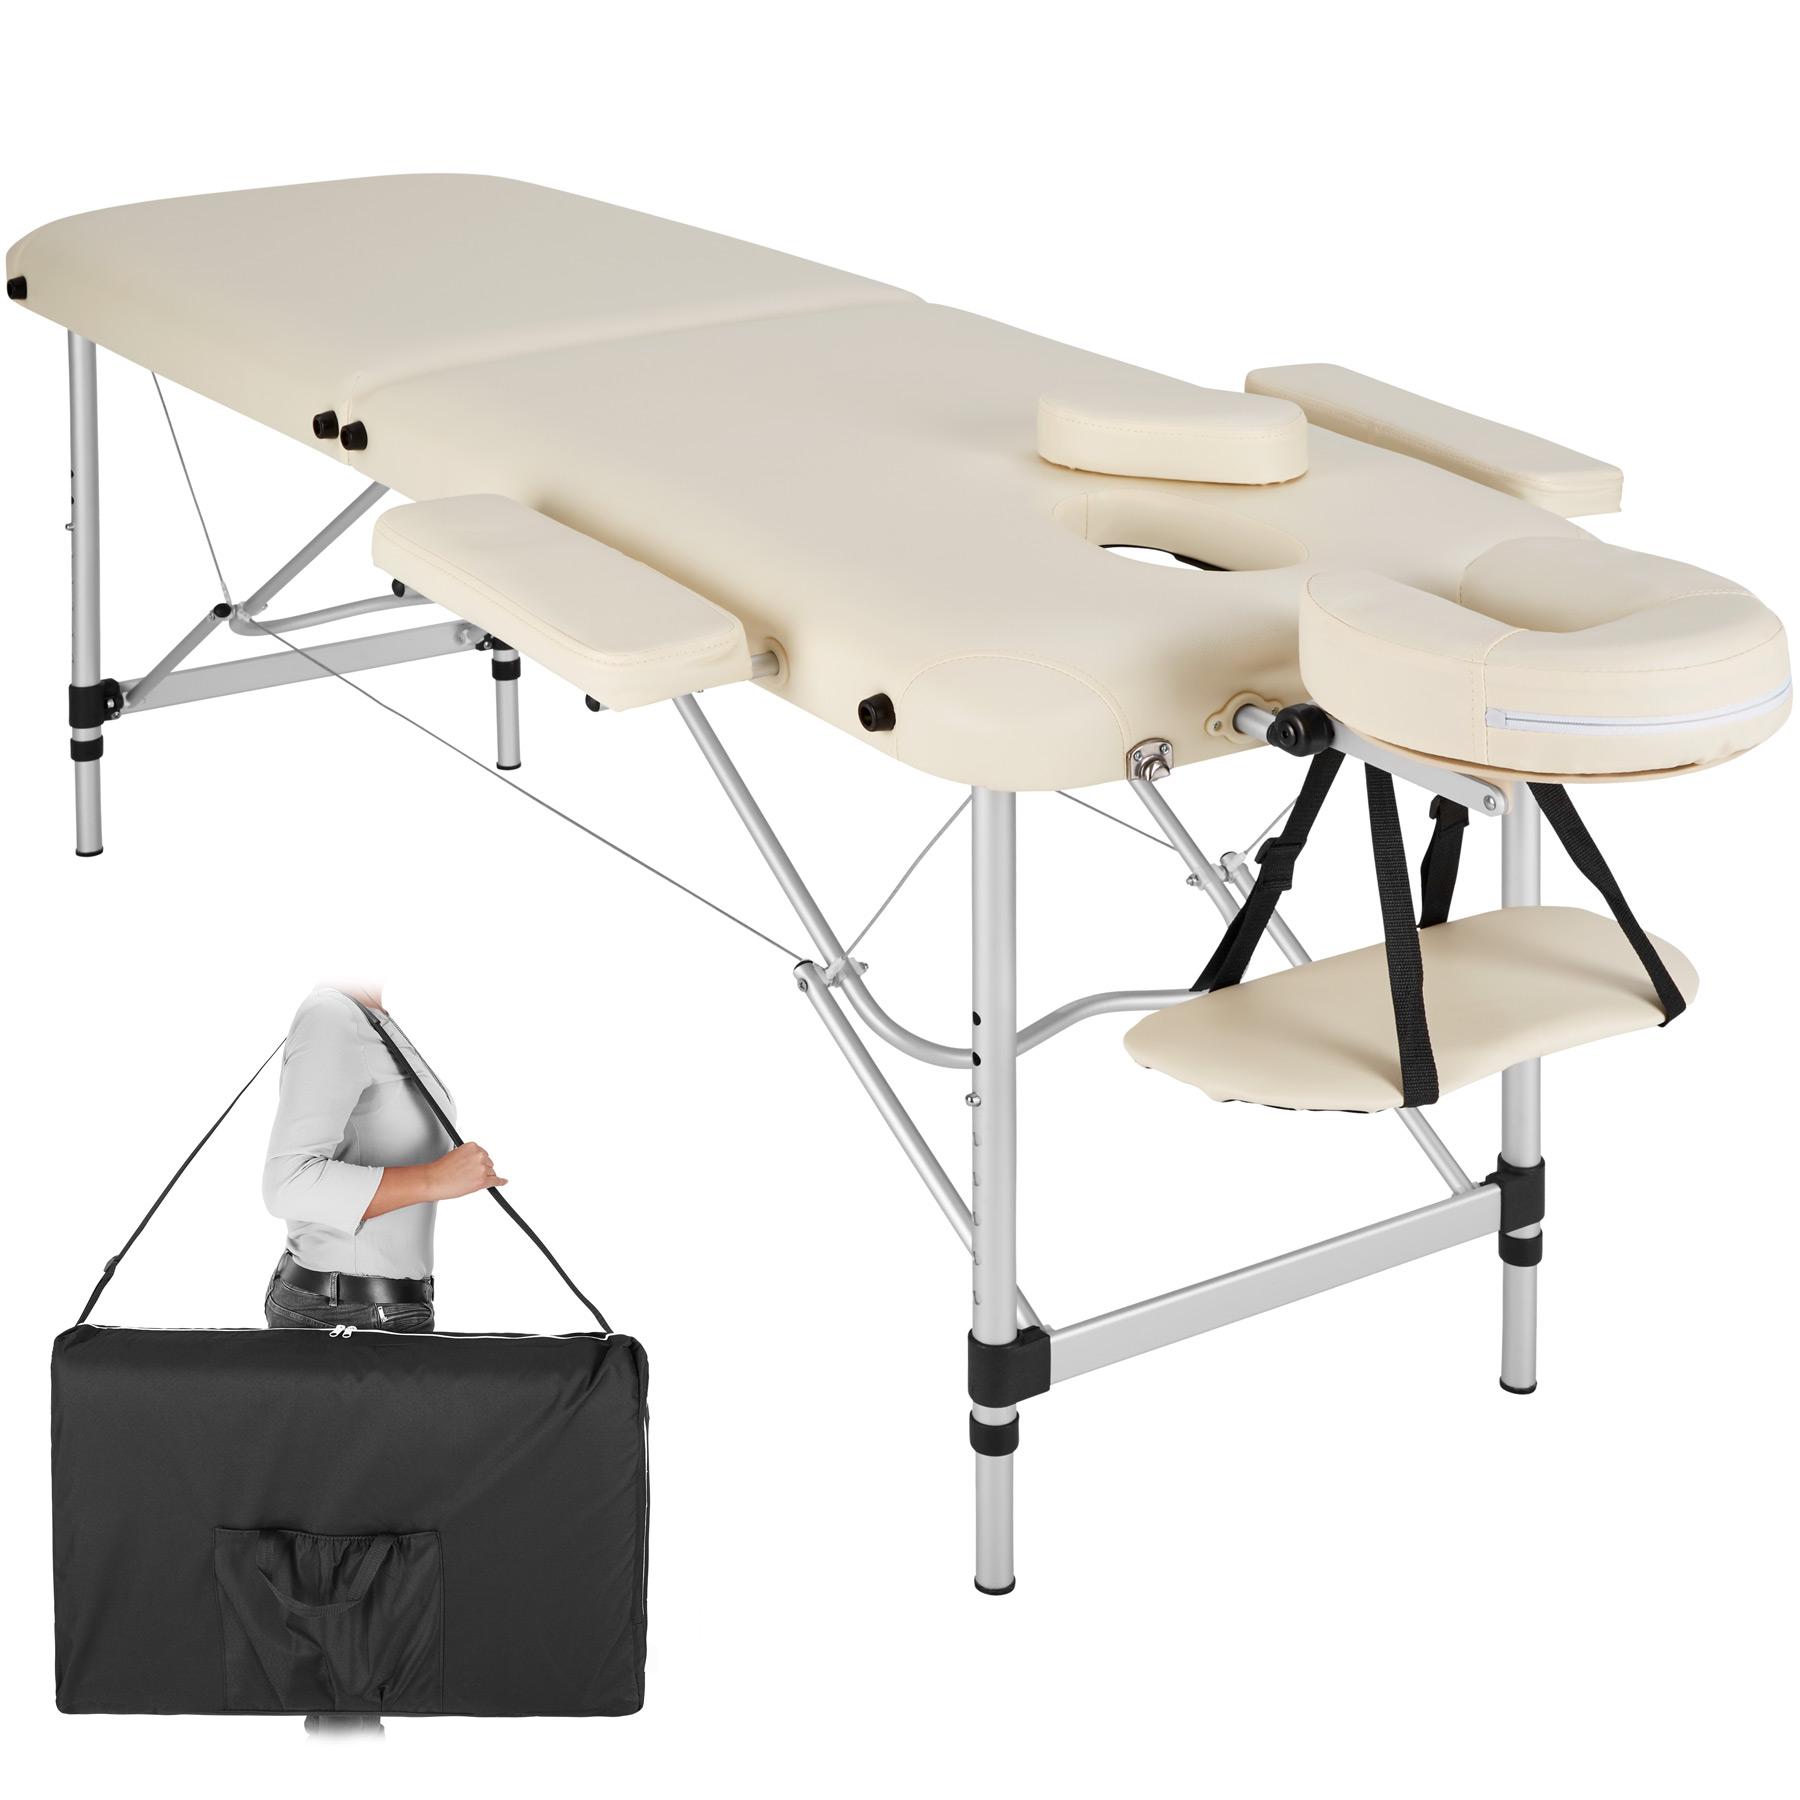 Łóżko do masażu stół do masażu 2 strefy alu 402787